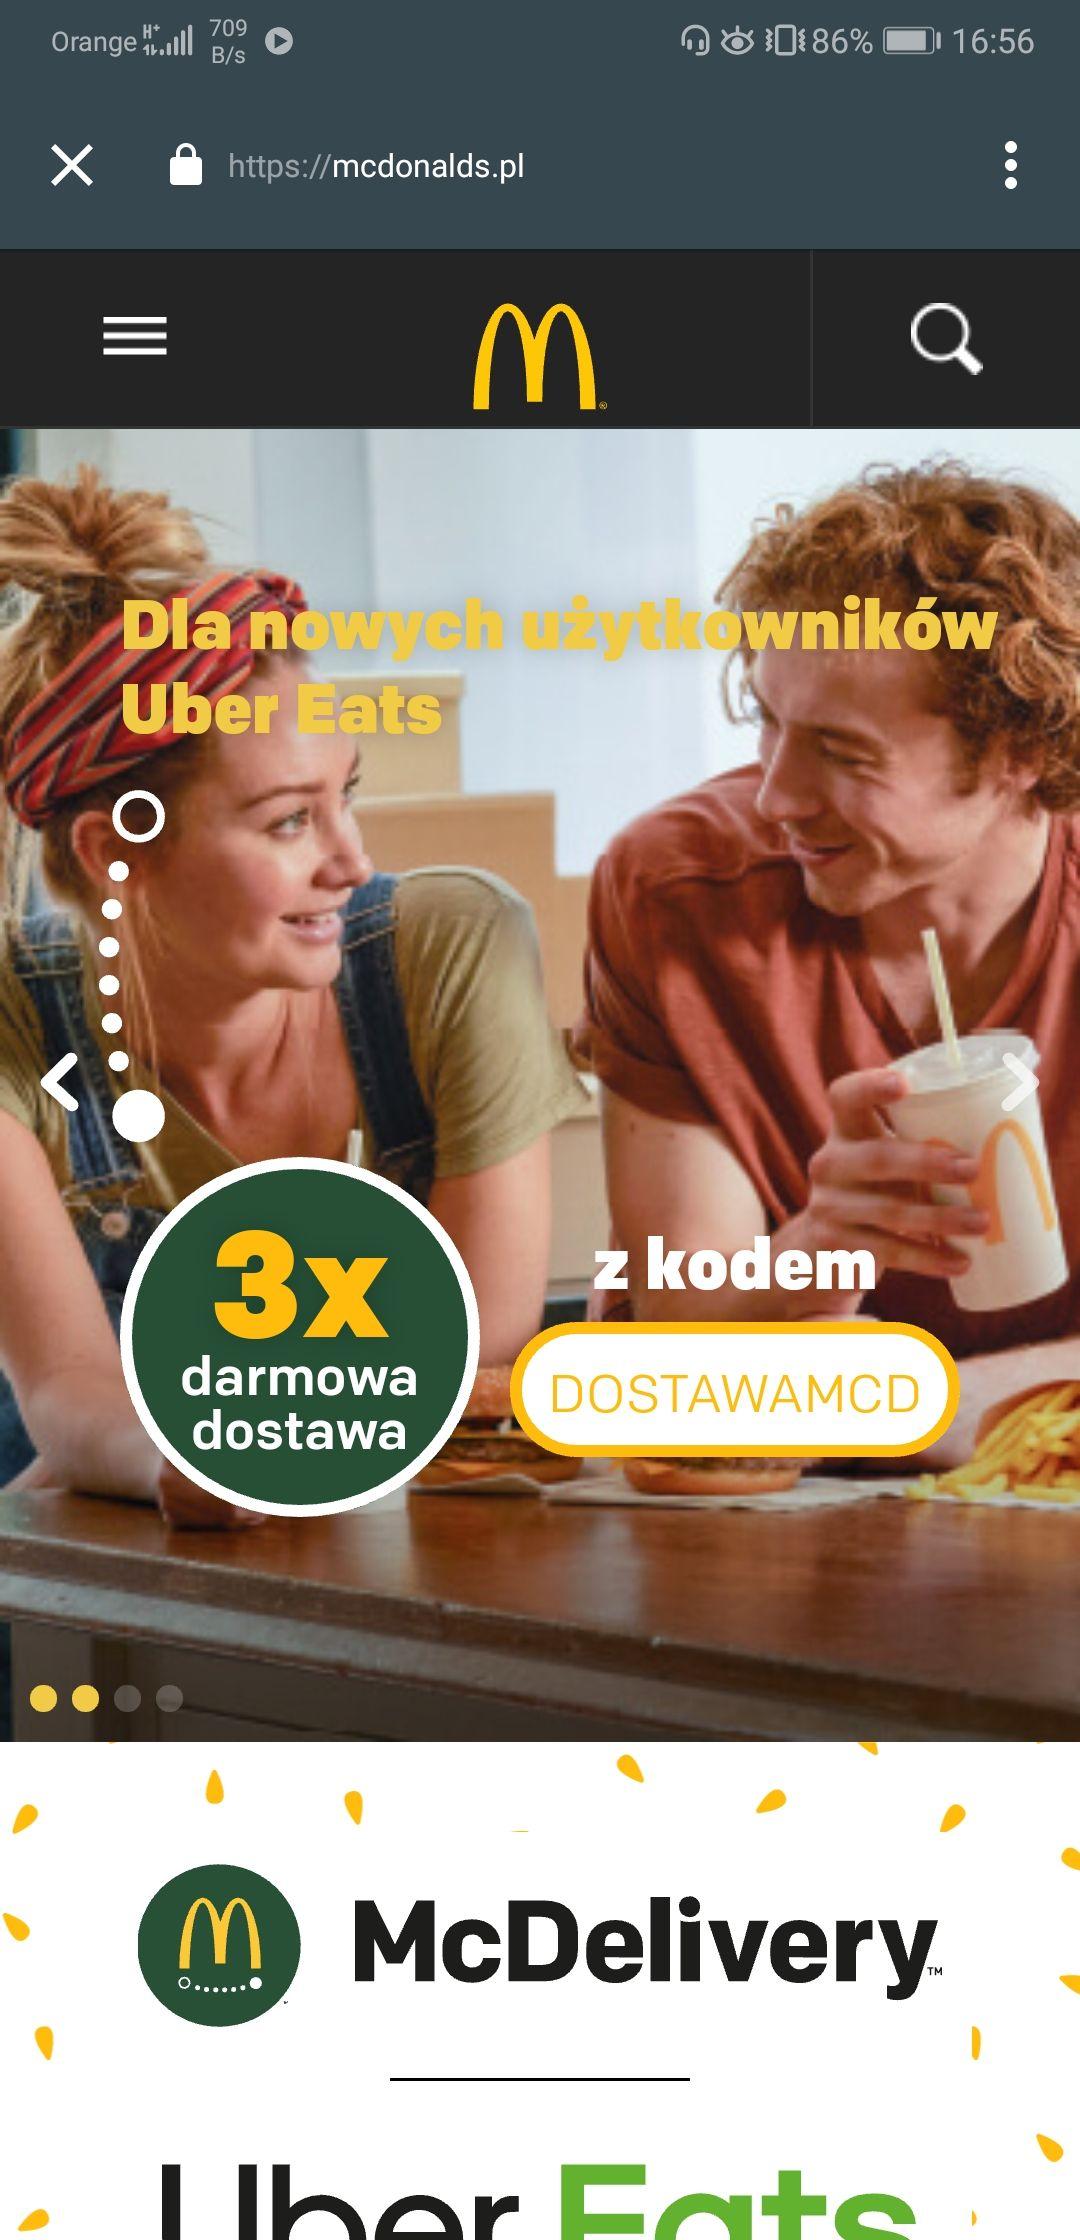 McDonald's - 3x darmowa dostawa UberEATS (+ 2x Coca-Cola cynamonowa przy zamówieniu powyżej 35 zł)